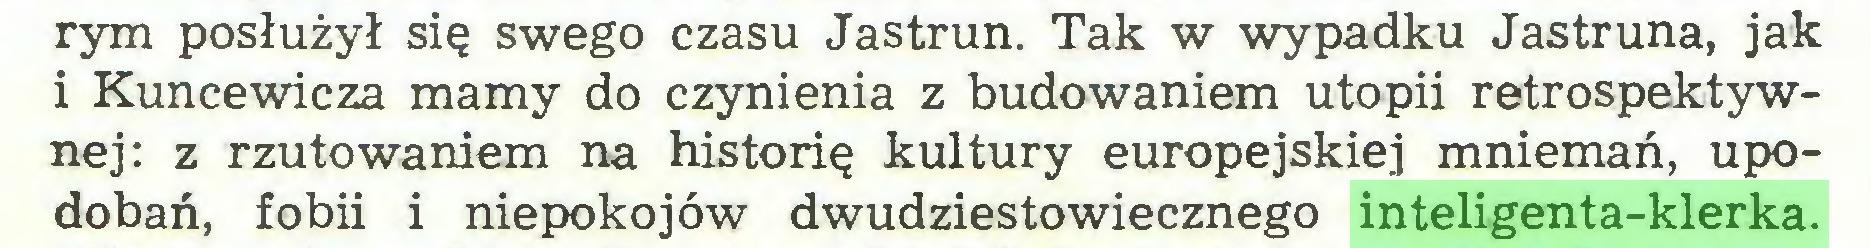 (...) rym posłużył się swego czasu Jastrun. Tak w wypadku Jastruna, jak i Kuncewicza mamy do czynienia z budowaniem utopii retrospektywnej: z rzutowaniem na historię kultury europejskiej mniemań, upodobań, fobii i niepokojów dwudziestowiecznego inteligenta-klerka...